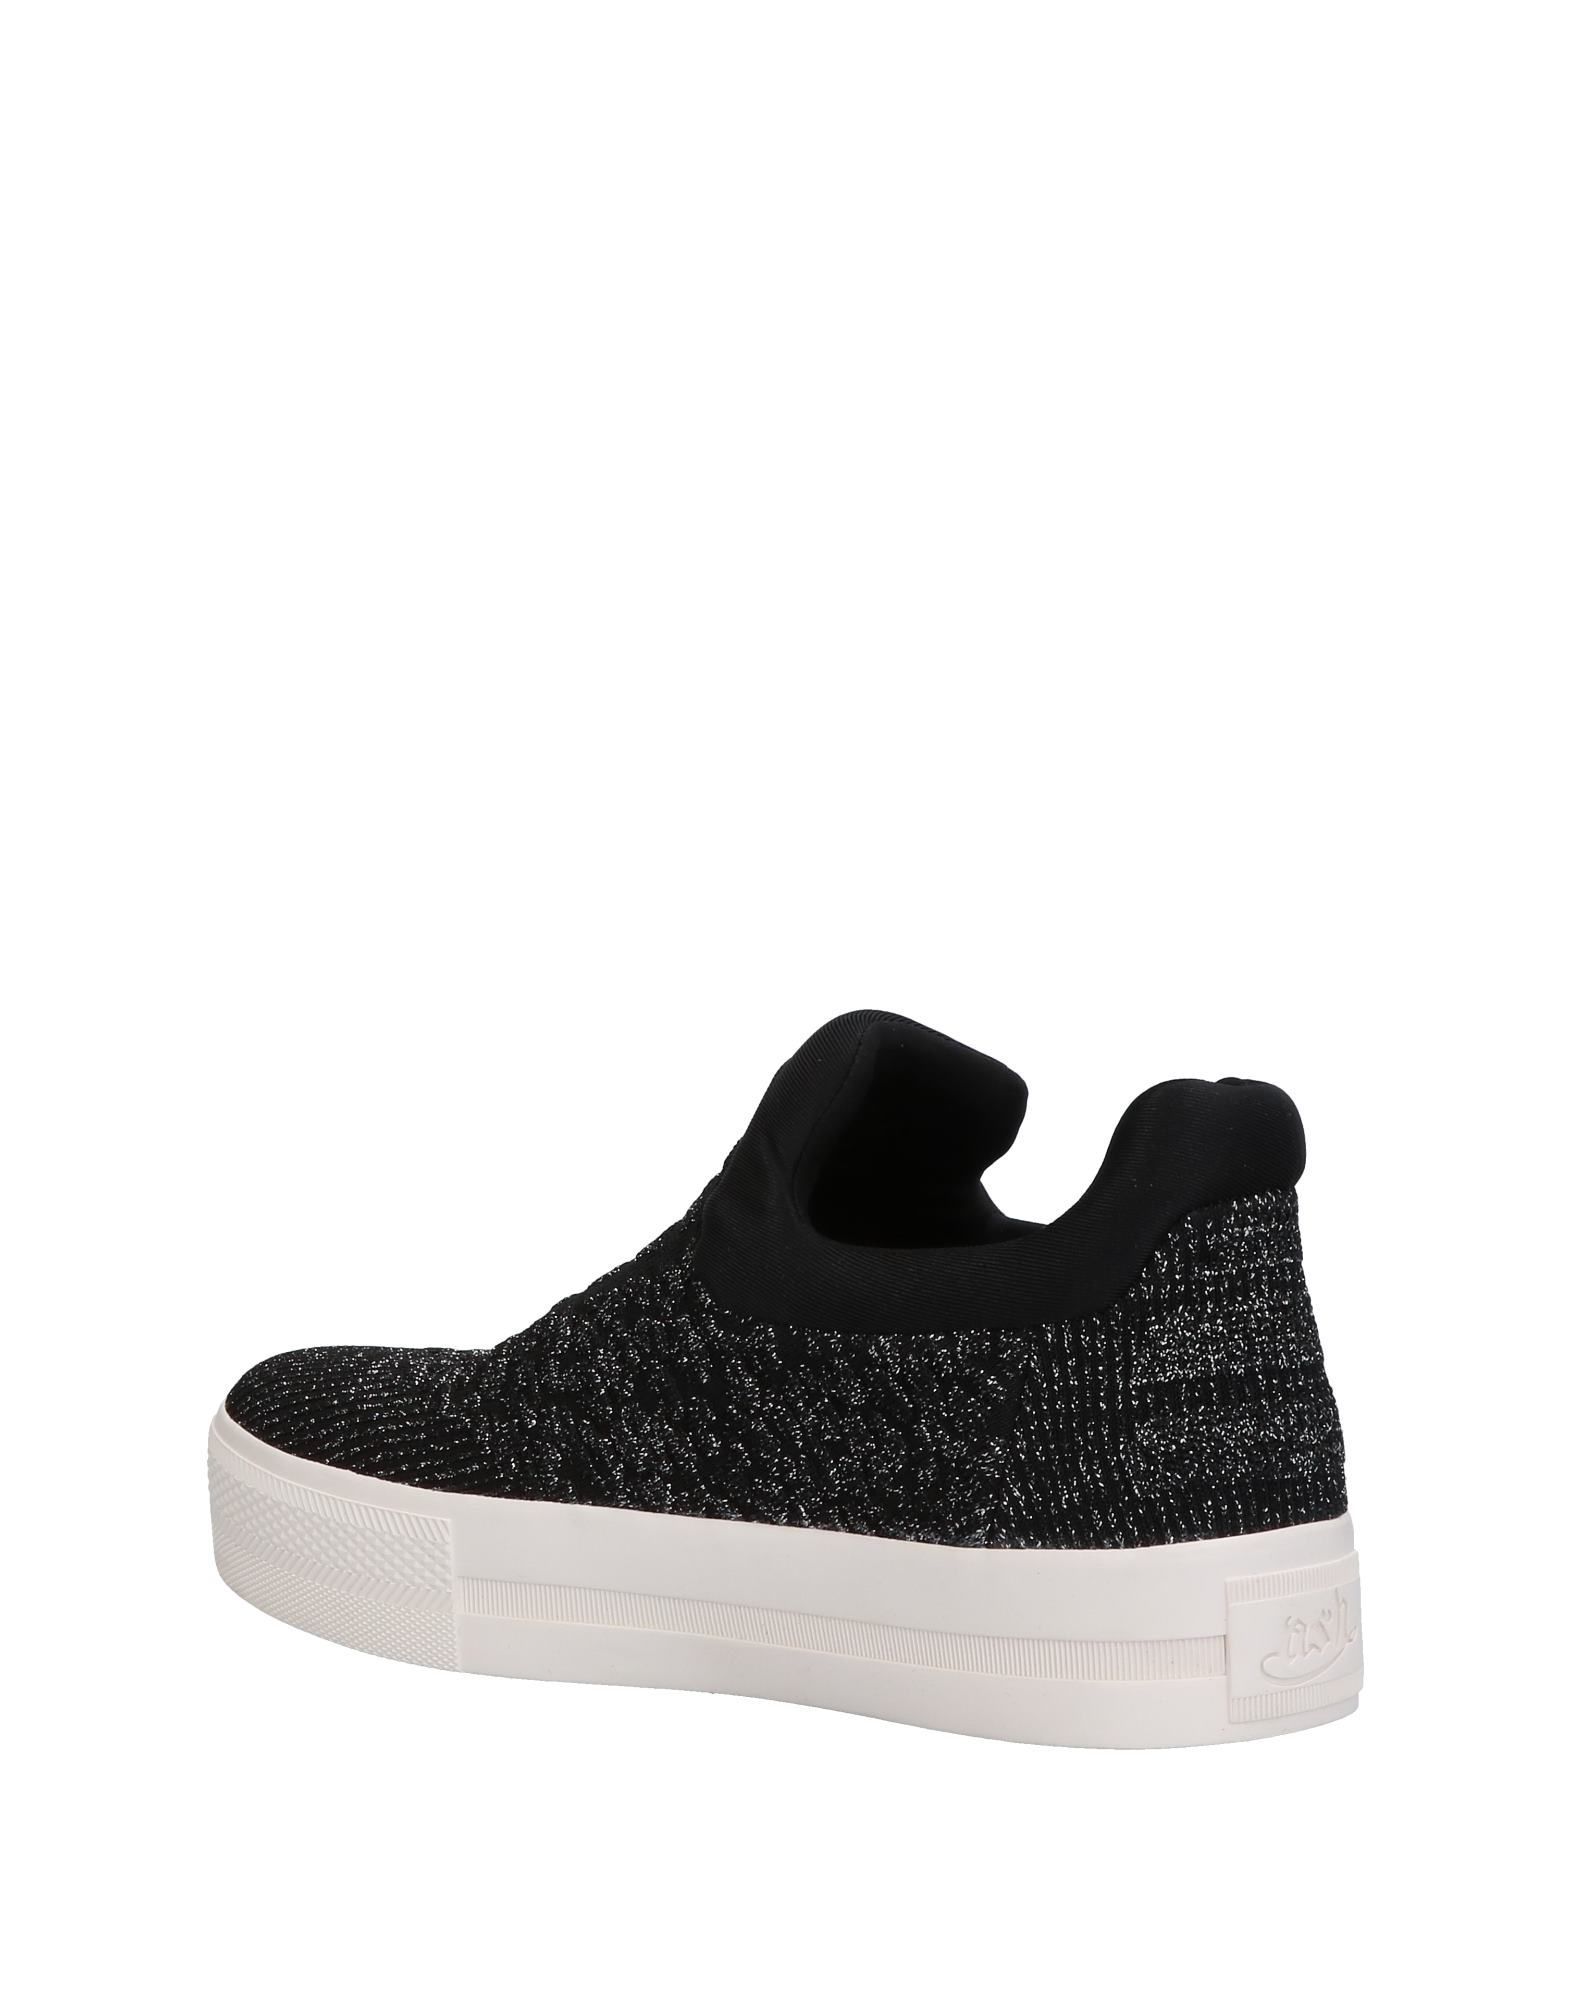 Ash Gute Sneakers Damen  11359121MG Gute Ash Qualität beliebte Schuhe 9bfc03